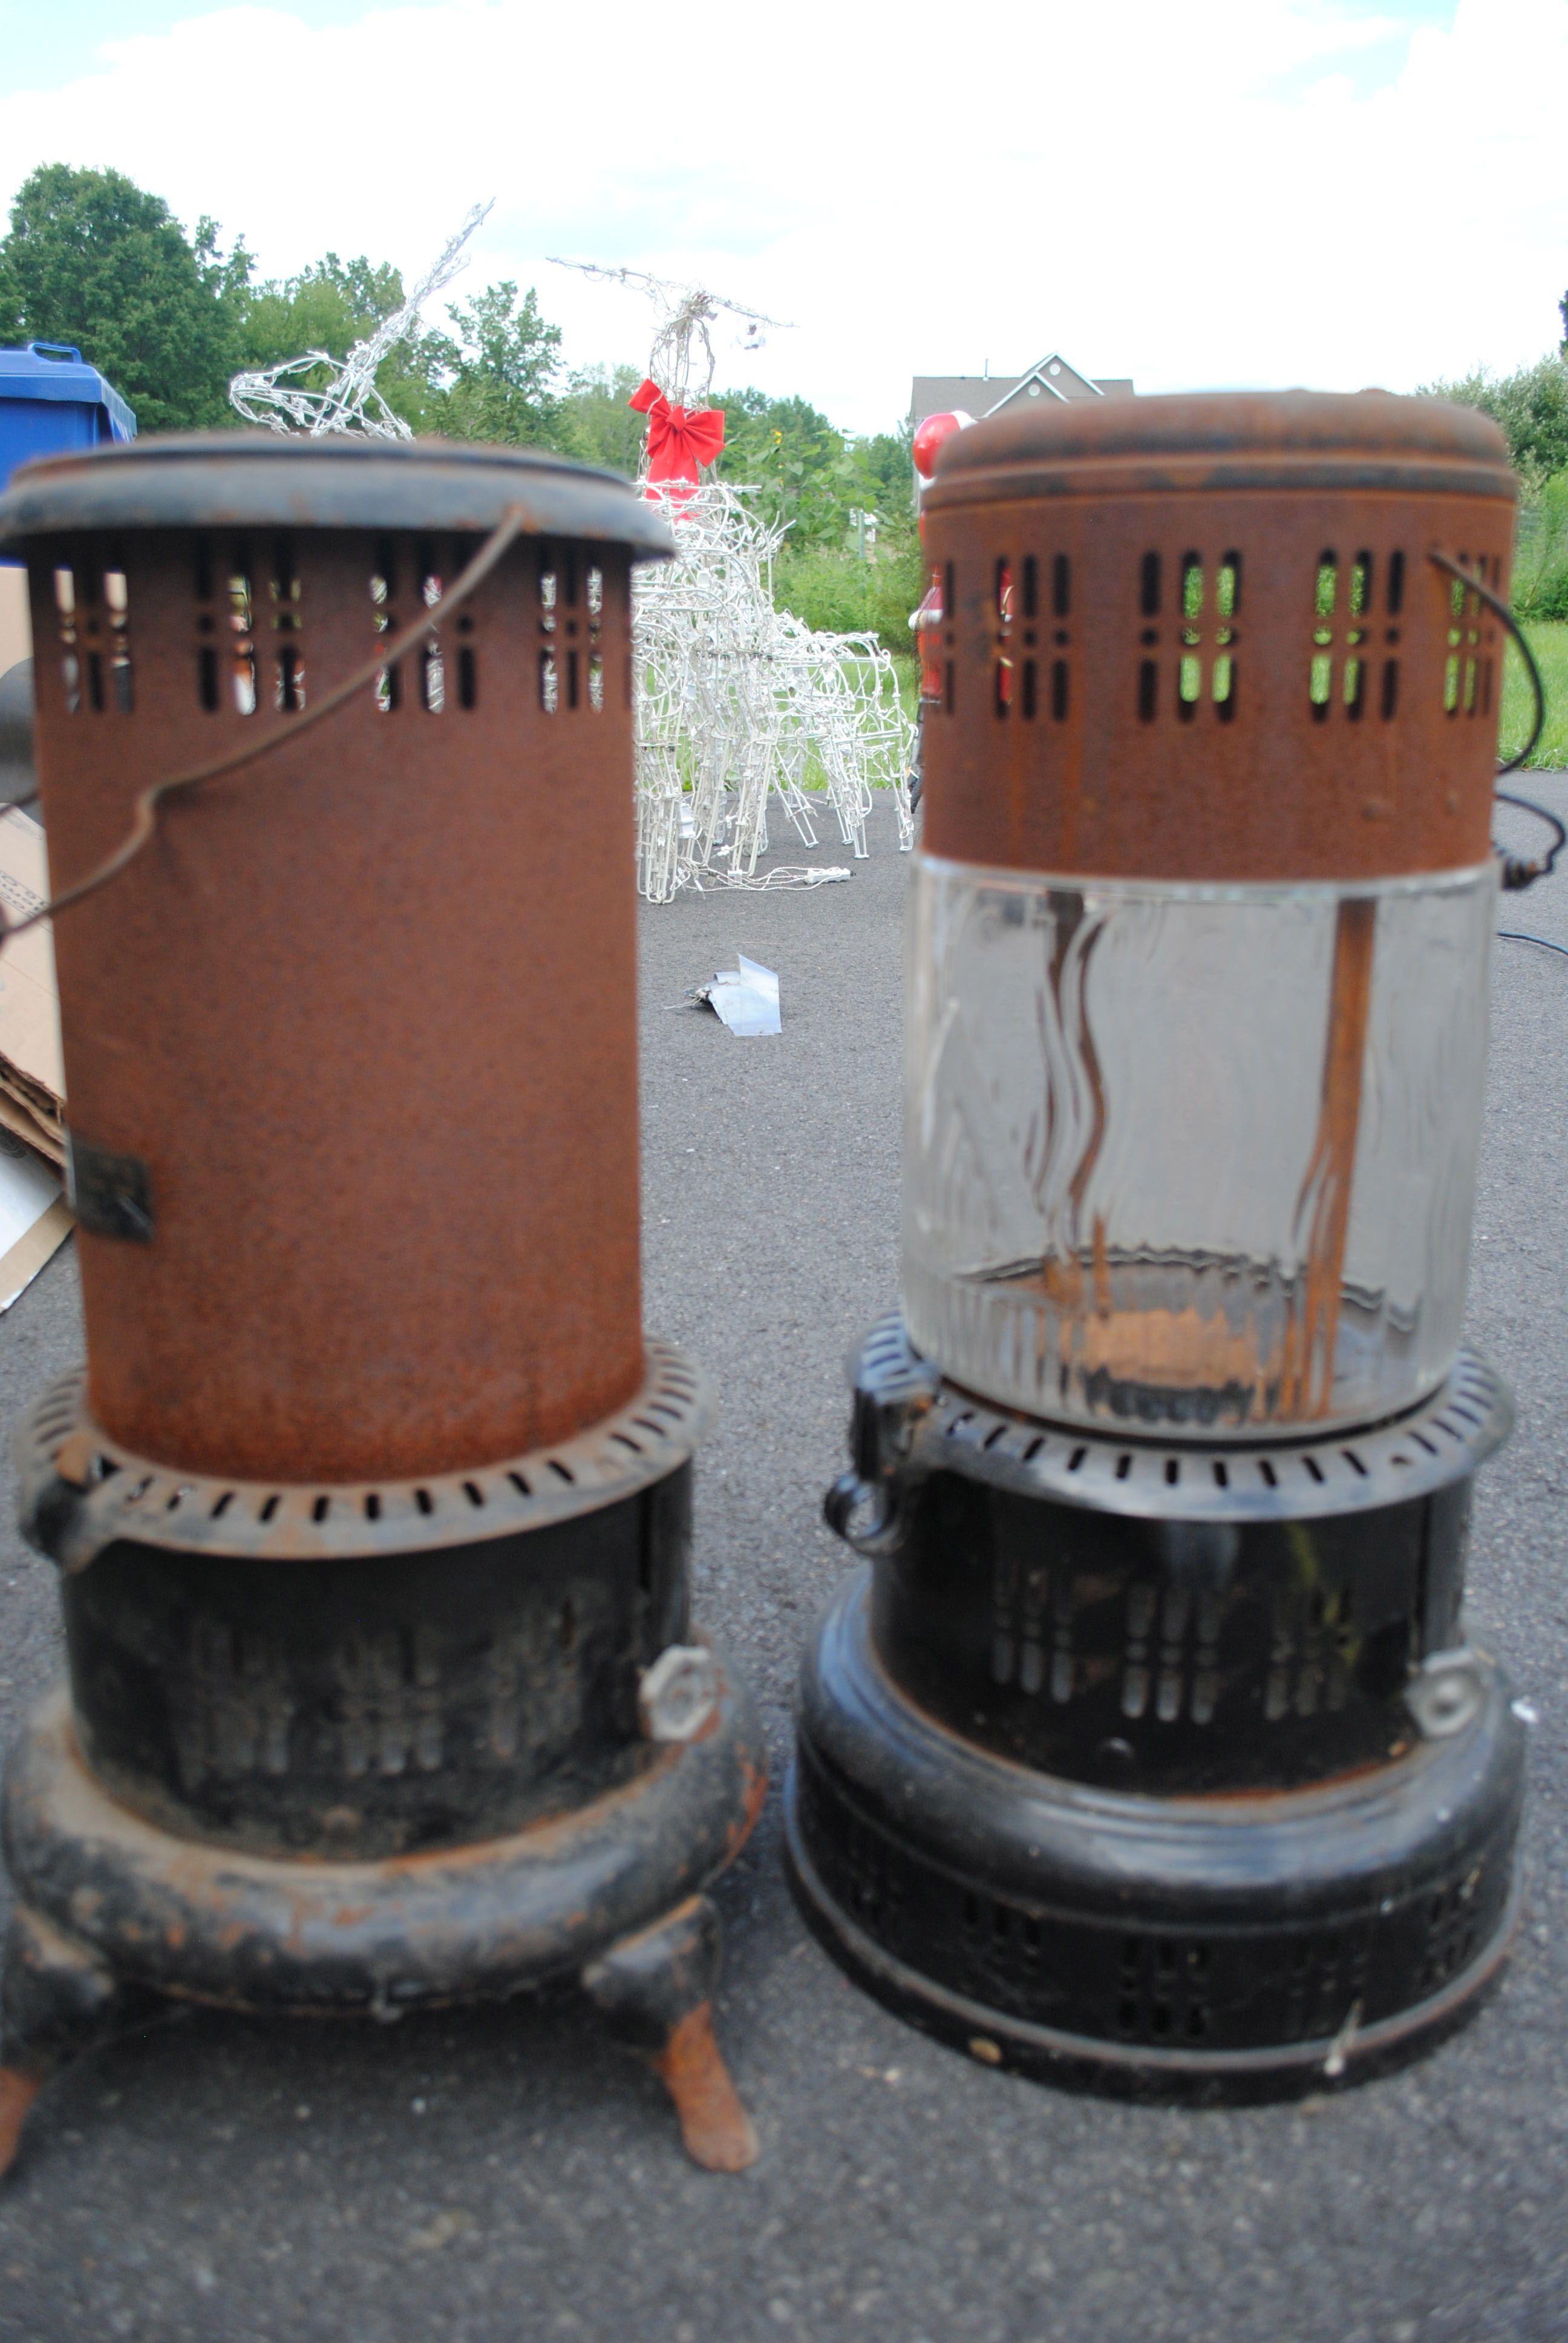 2 vintage kerosene heaters, both 24